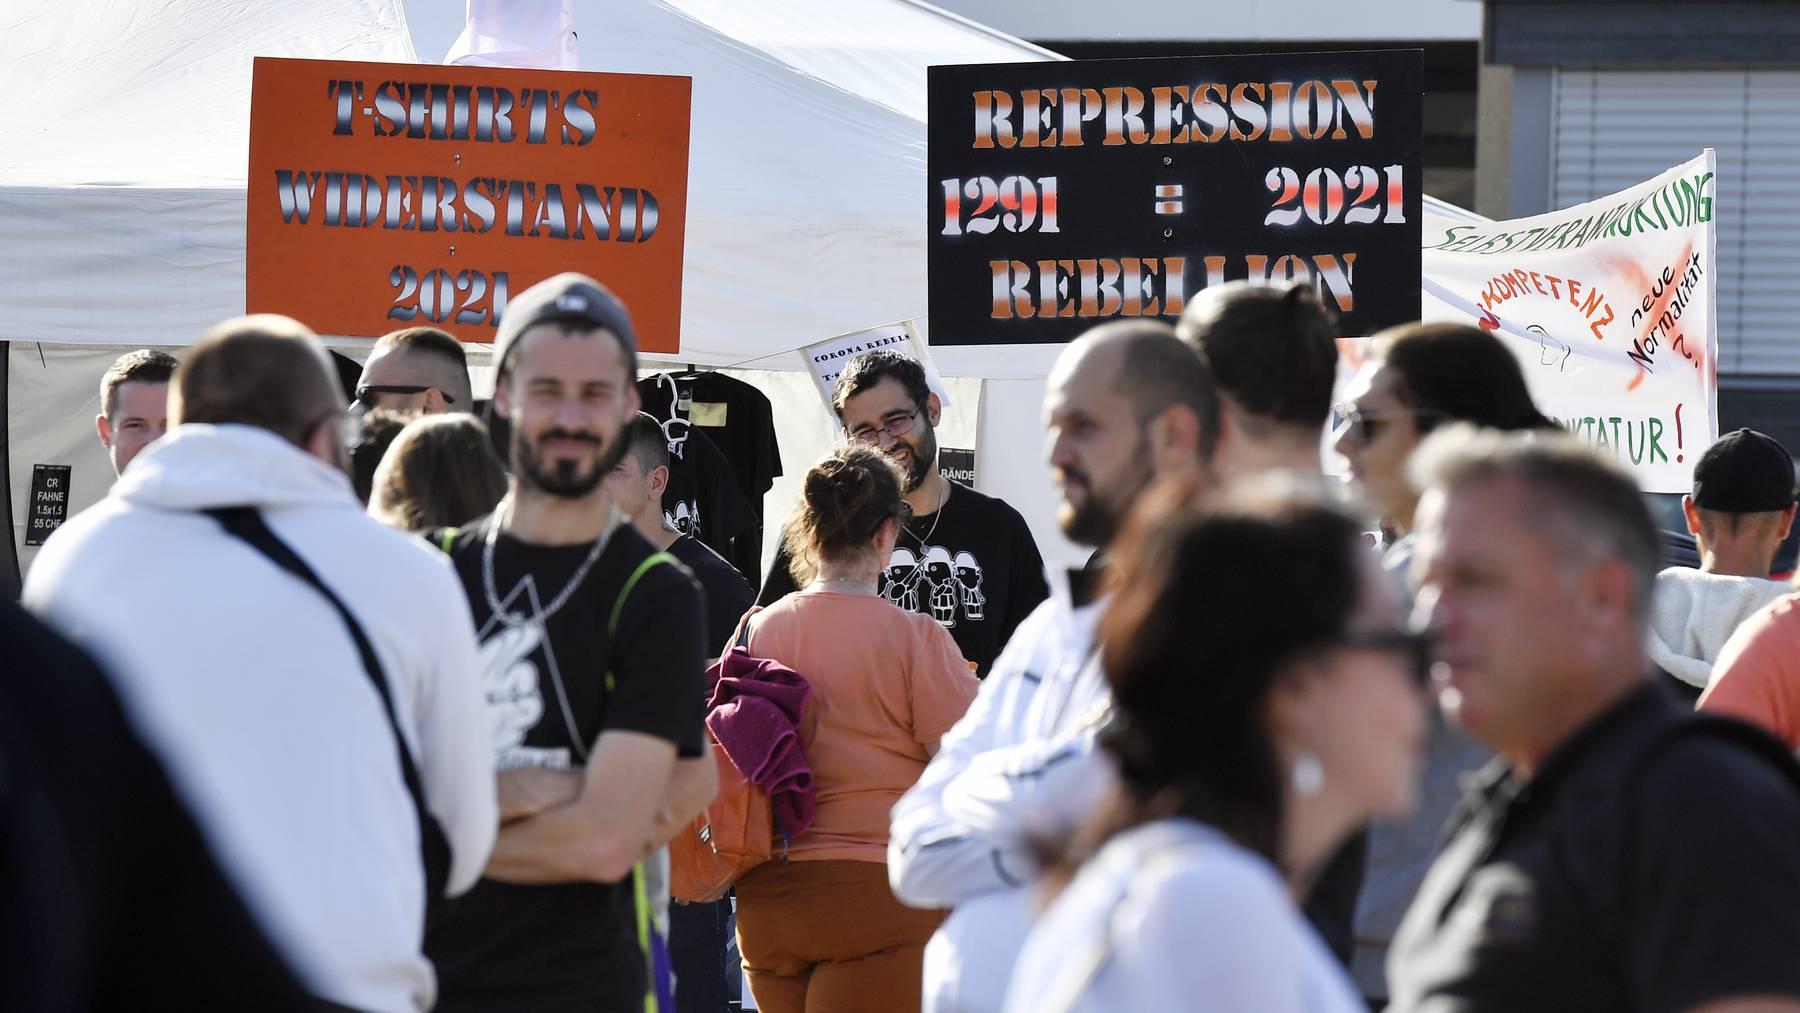 Kundgebung des Vereins Corona-Rebellen auf dem Stierenmarktareal in Zug am Samstag, 2. Oktober 2021. / Corona-Demo